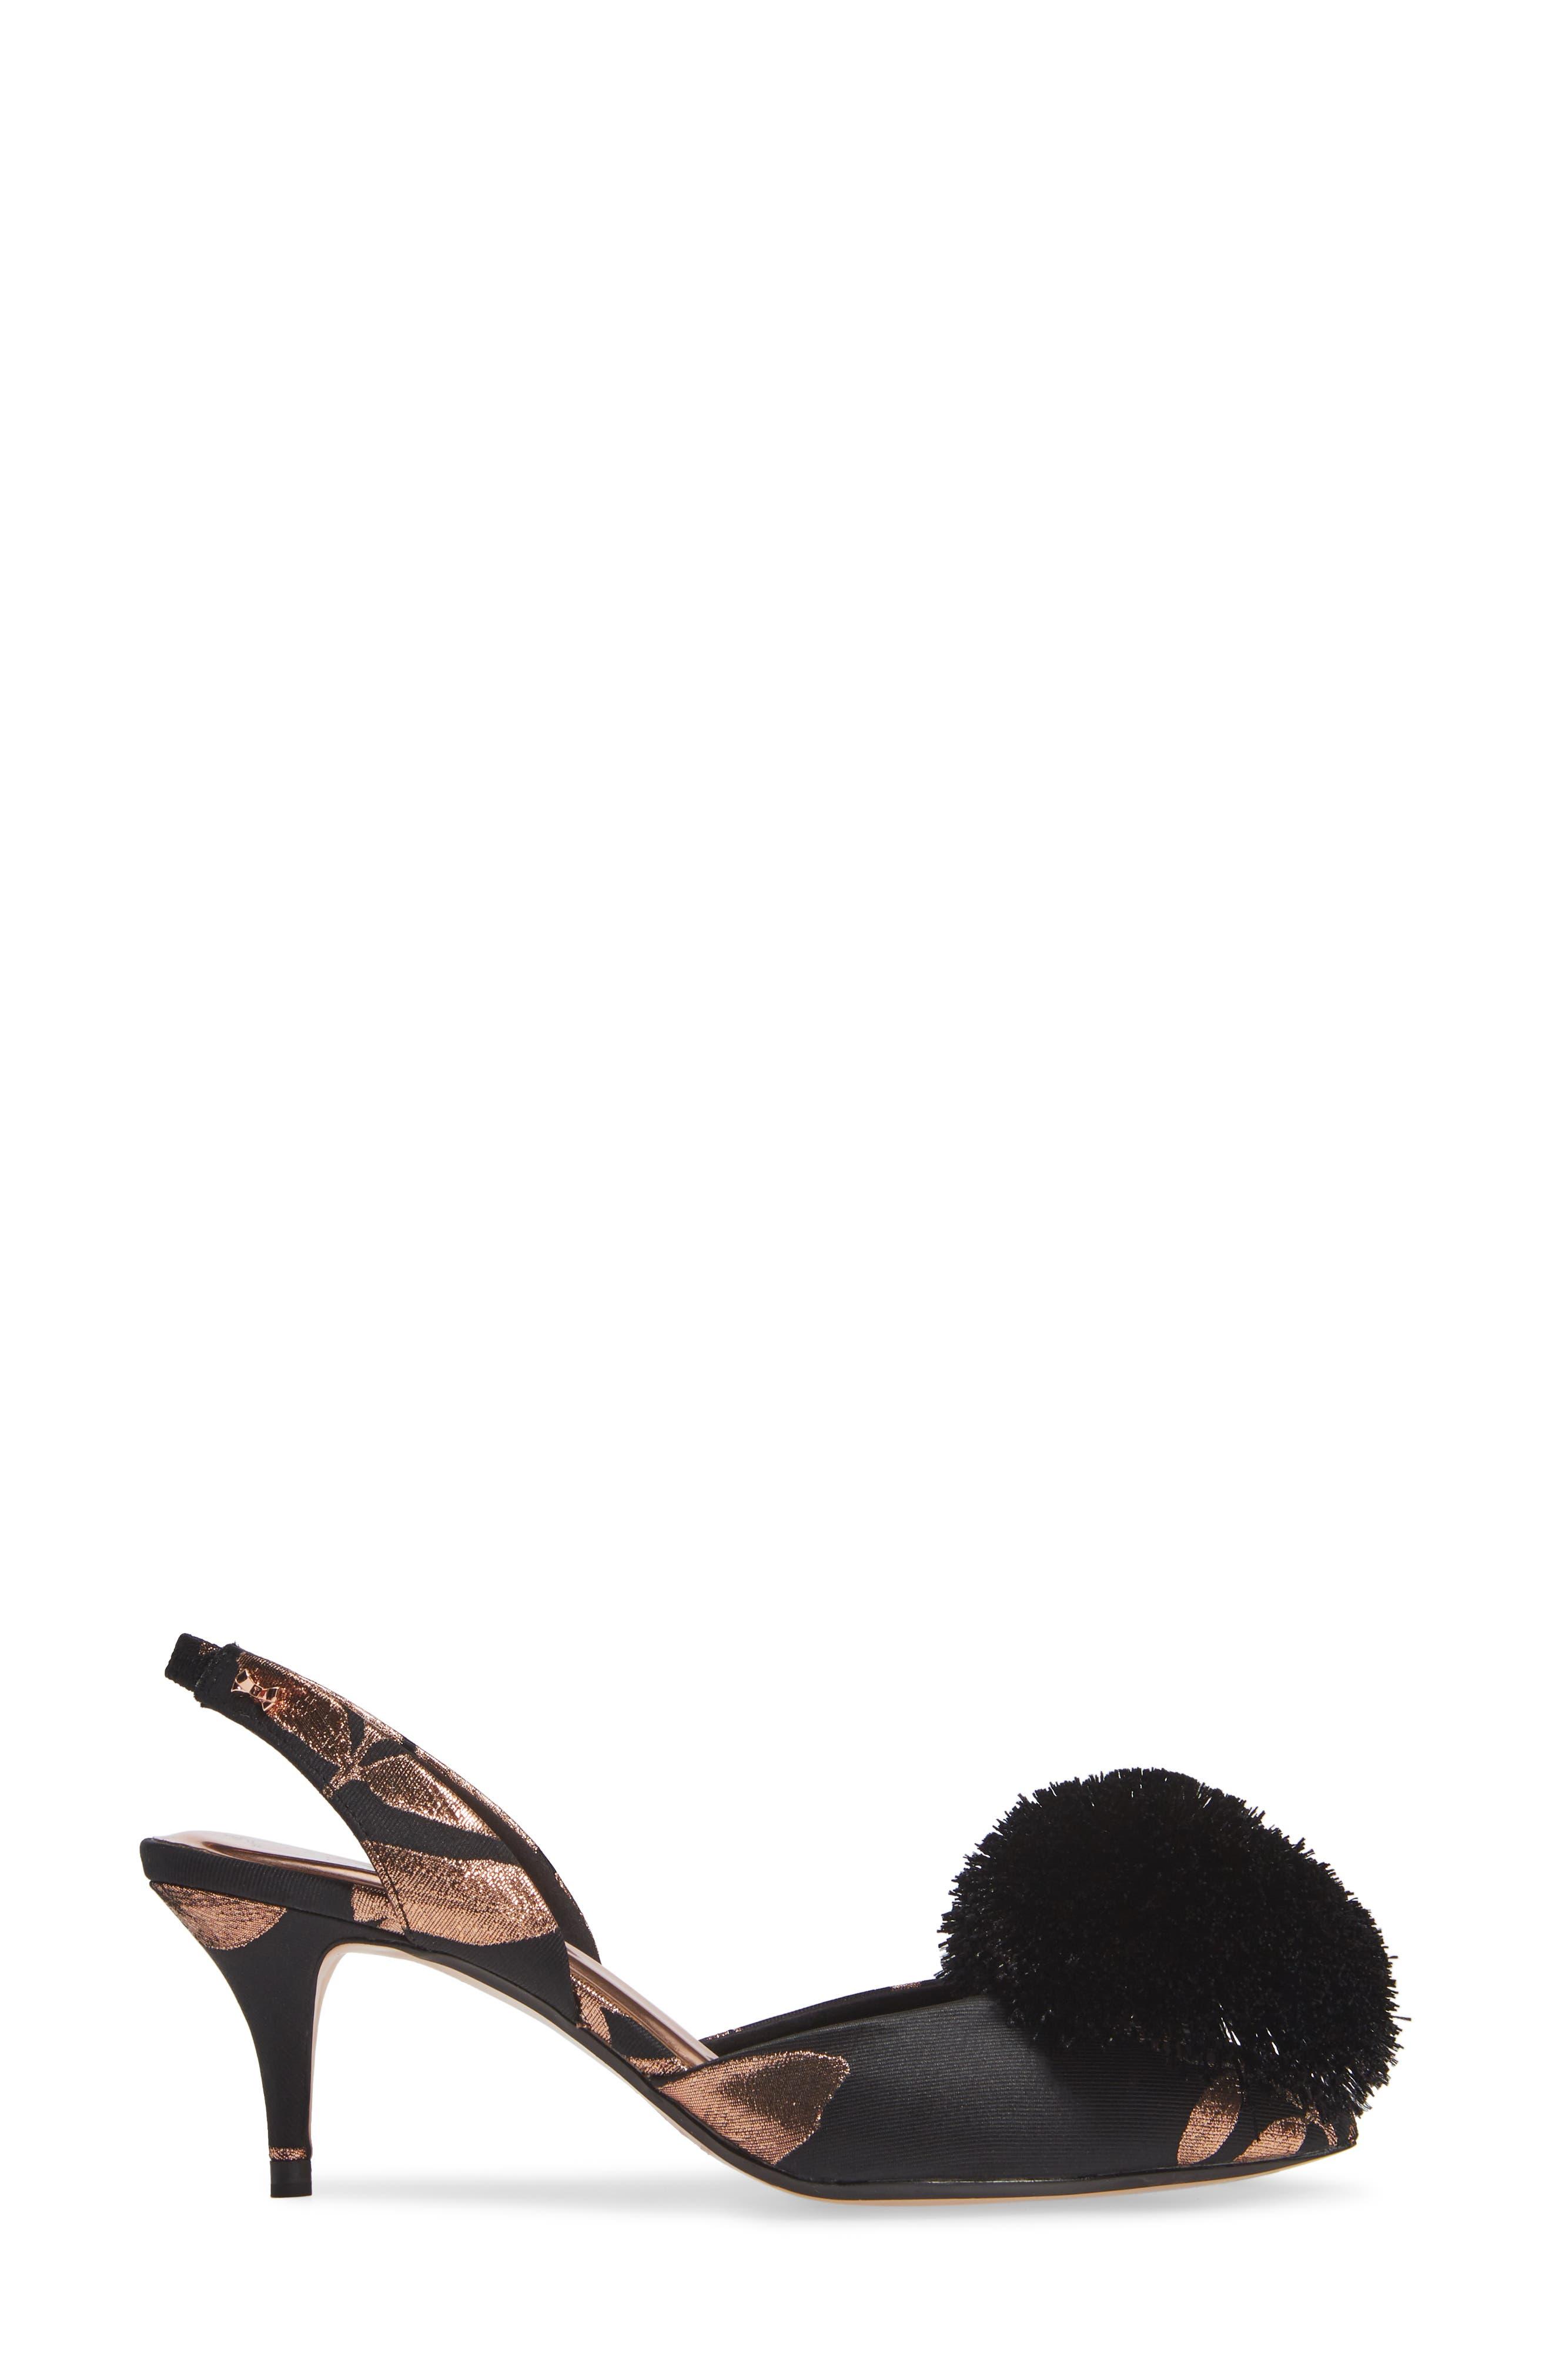 TED BAKER LONDON, Mikali Yarn Pouf Sandal, Alternate thumbnail 3, color, BLACK KIRSTEN BOSCH